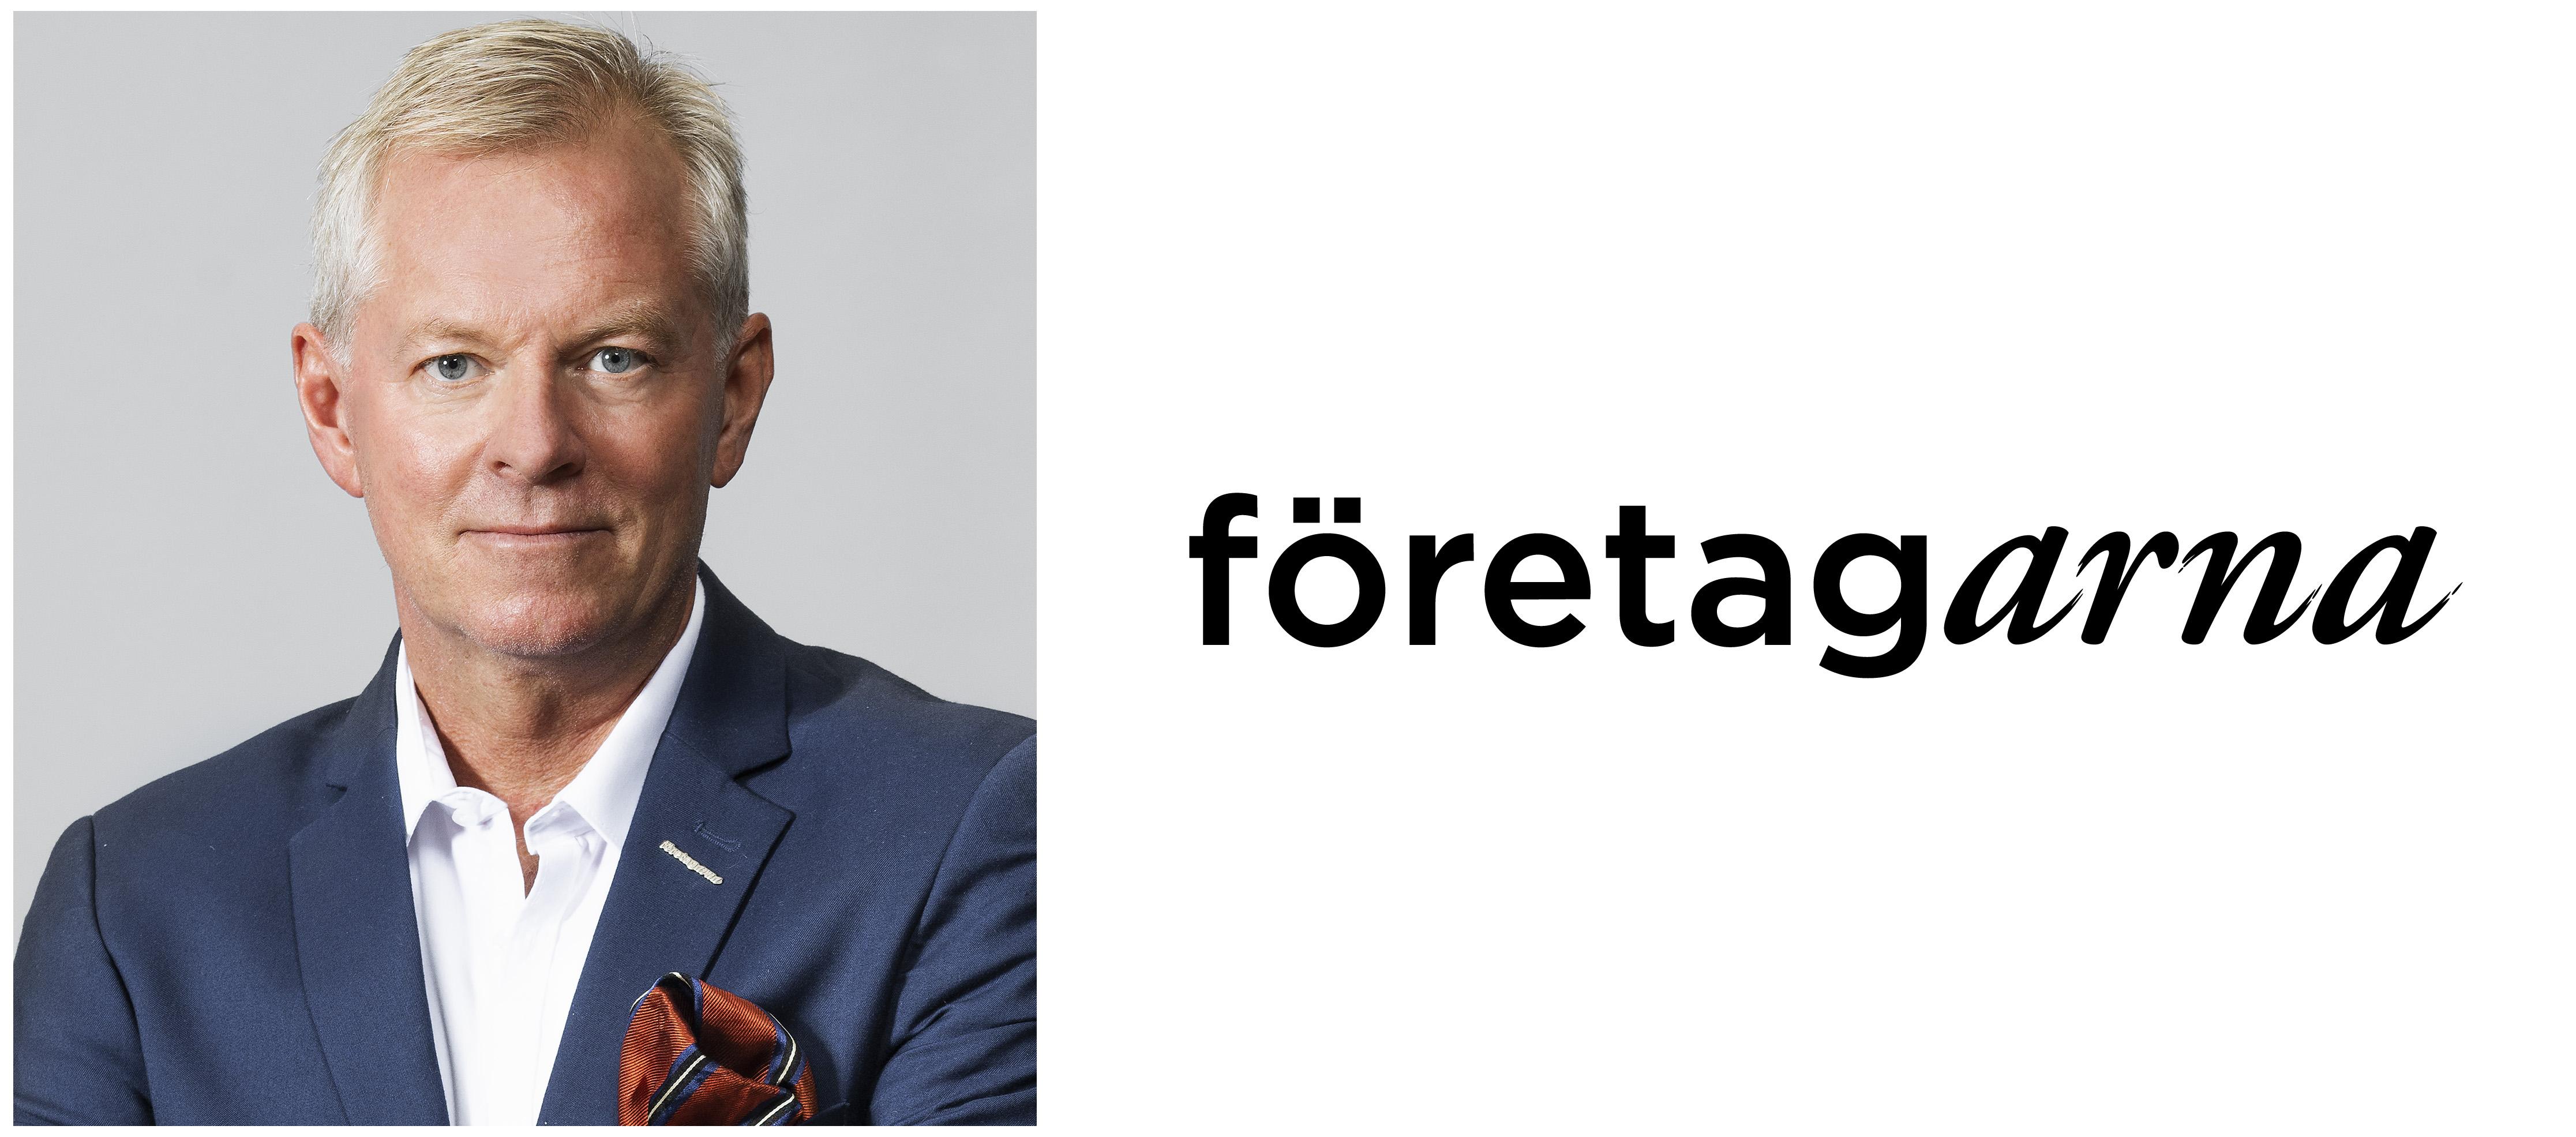 Thomas Byström, Regionchef Stockholms län på organisationen företagarna. FOTO: Lars Classon